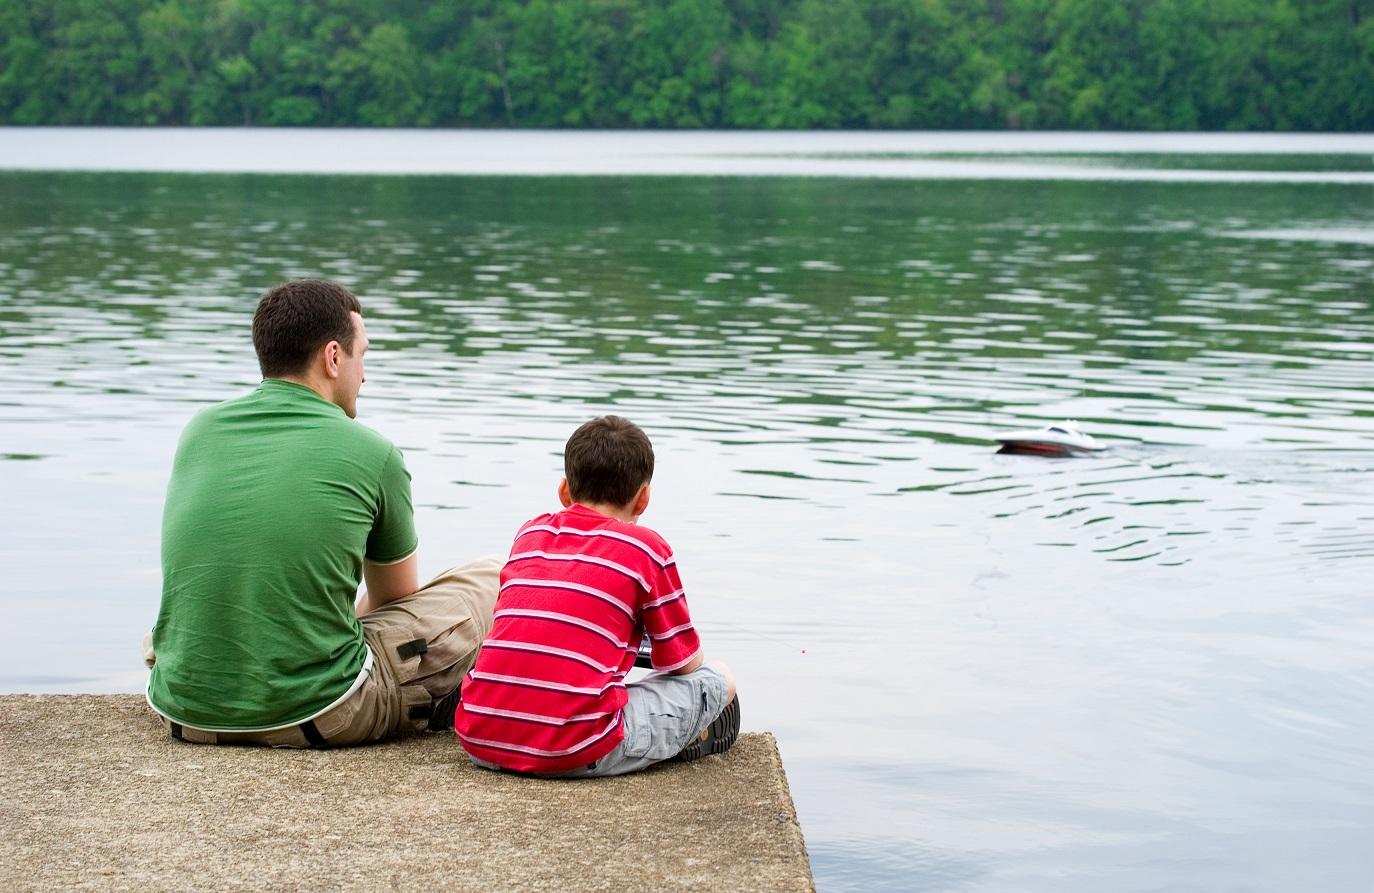 Η αξία του να αφιερώνουμε χρόνο στα παιδιά μας